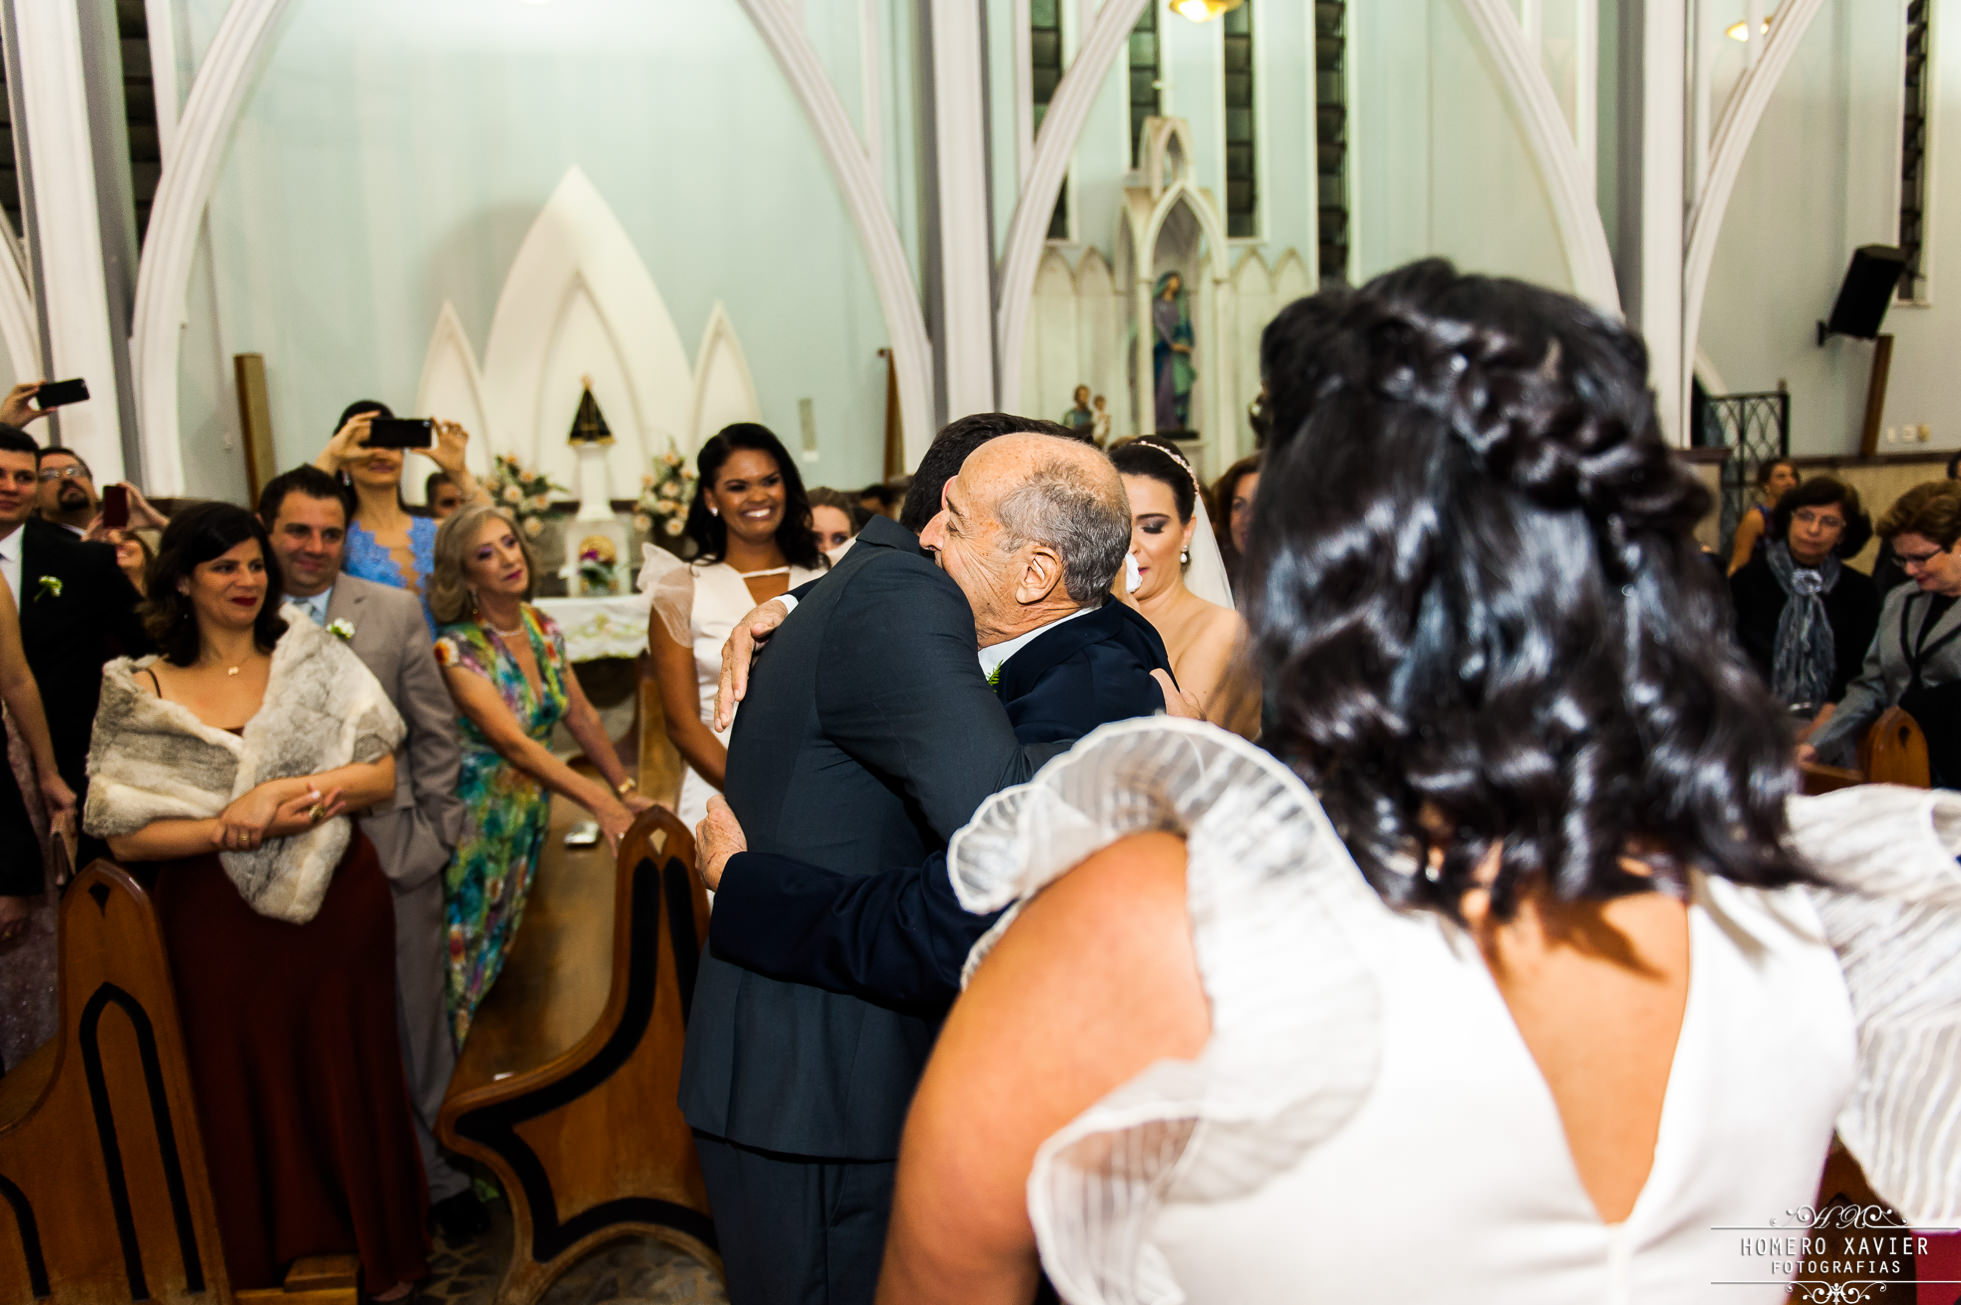 fotografia casamento Paroquia Consolacao e Correia em BH